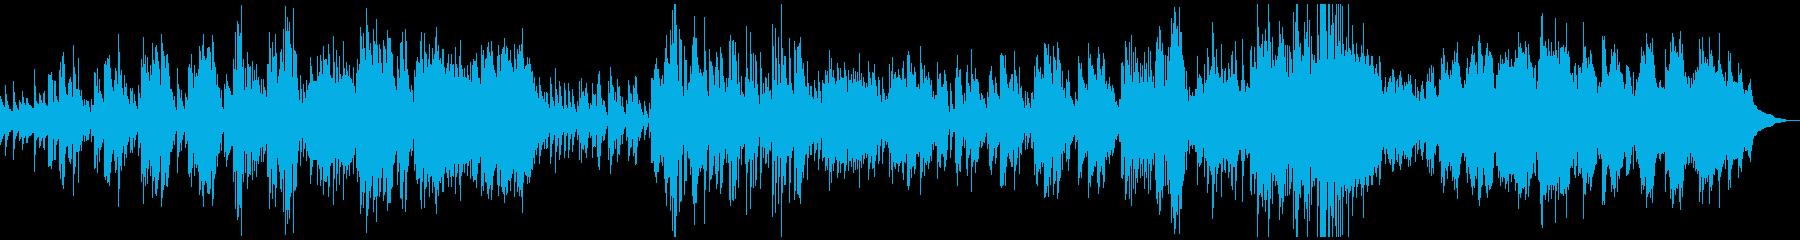 クラシックピアノ塔ドビュッシー壮大神秘的の再生済みの波形